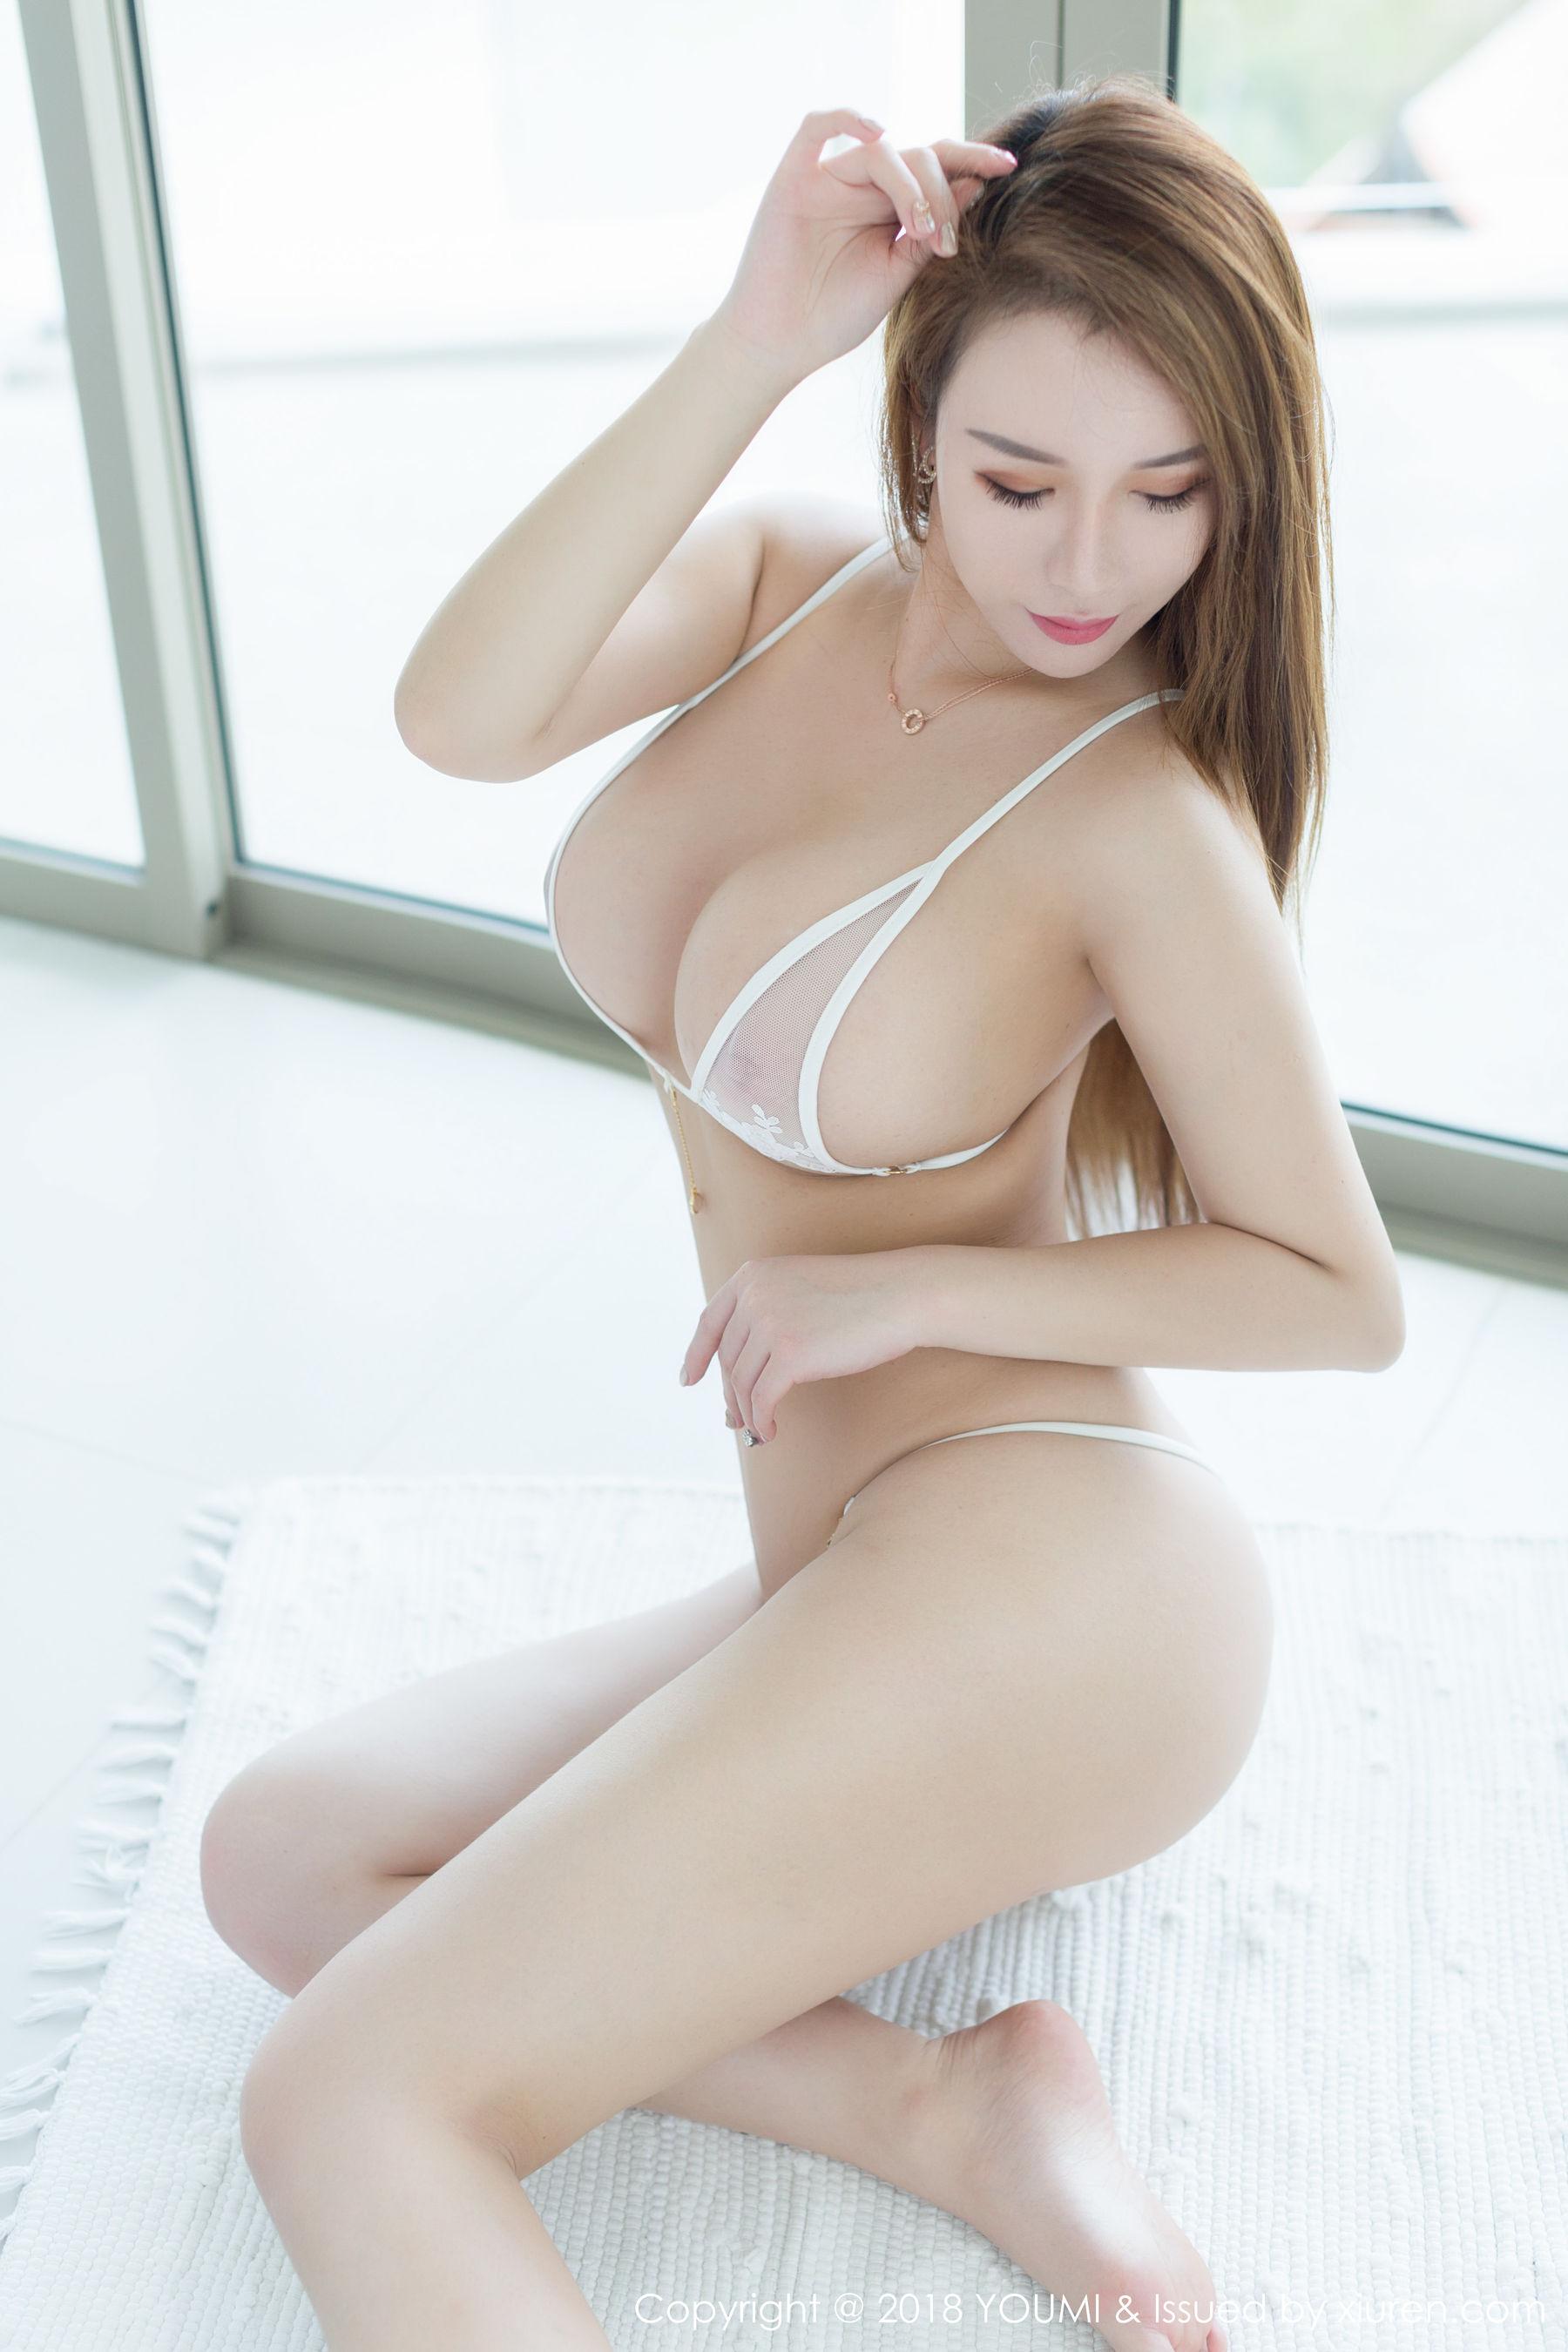 尤妮丝丰胸肥臀的蠢蠢欲动-第19张图片-哔哔娱乐网